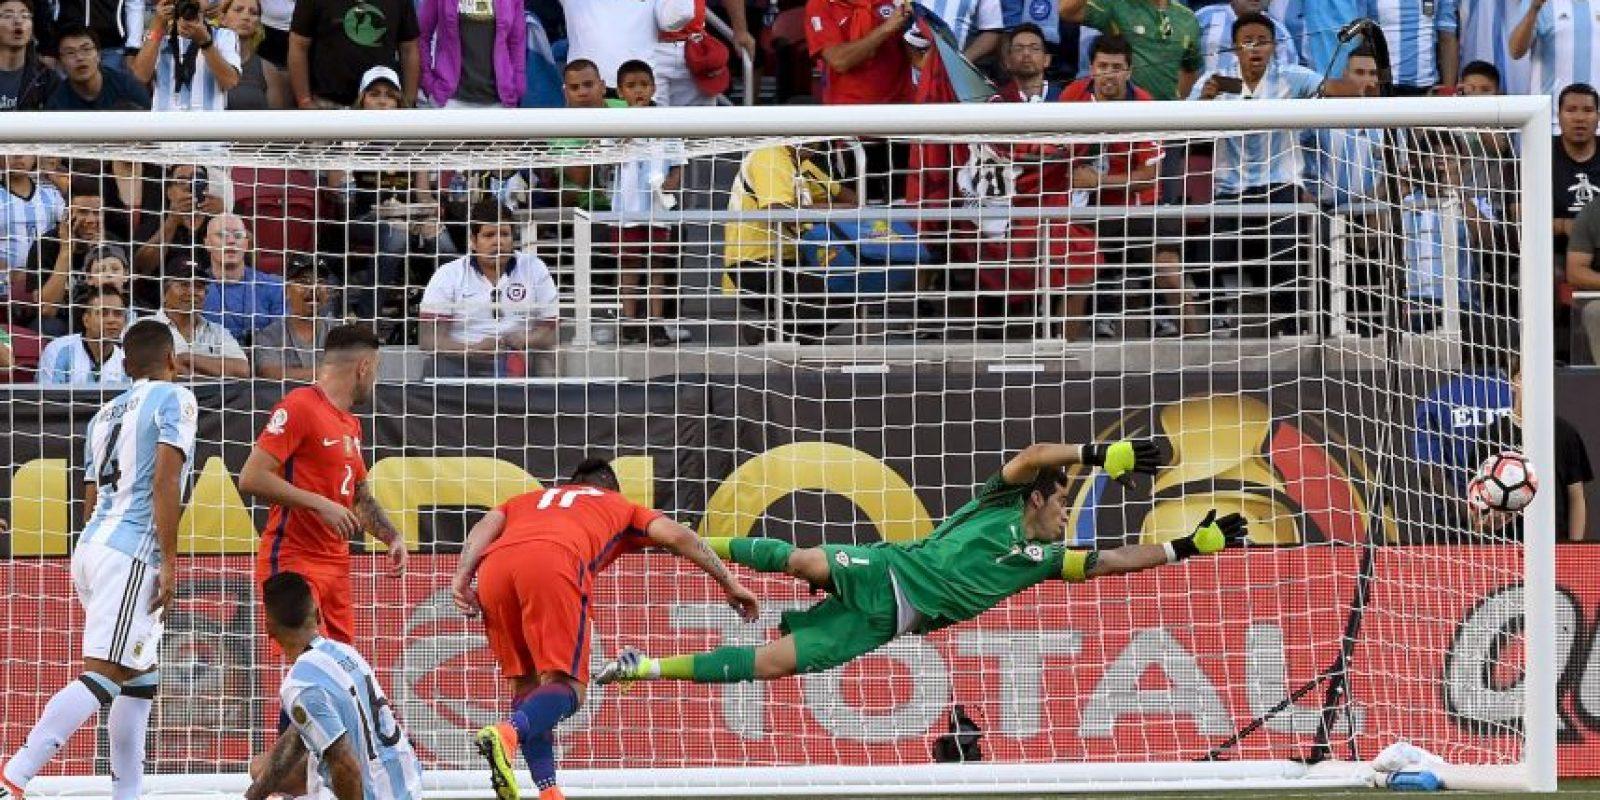 Por su parte, Argentina está con la gran ilusión de cortar la racha de 23 años sin título Foto:Getty Images